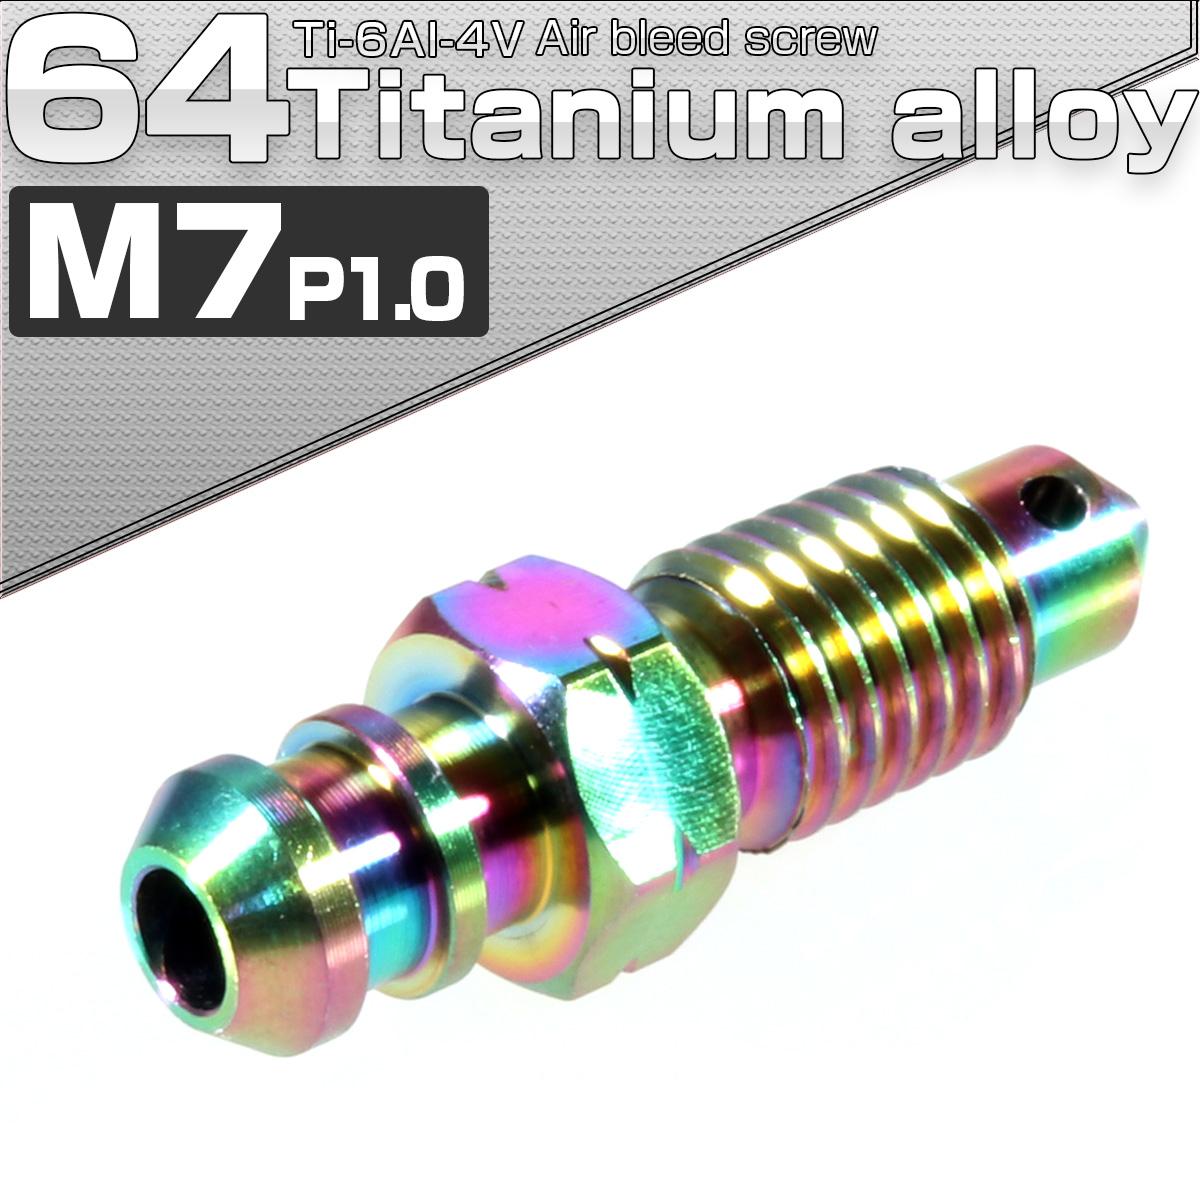 64チタン エアブリード スクリュー M7 P1.00 レインボー エアブリーダー バルブ JA081